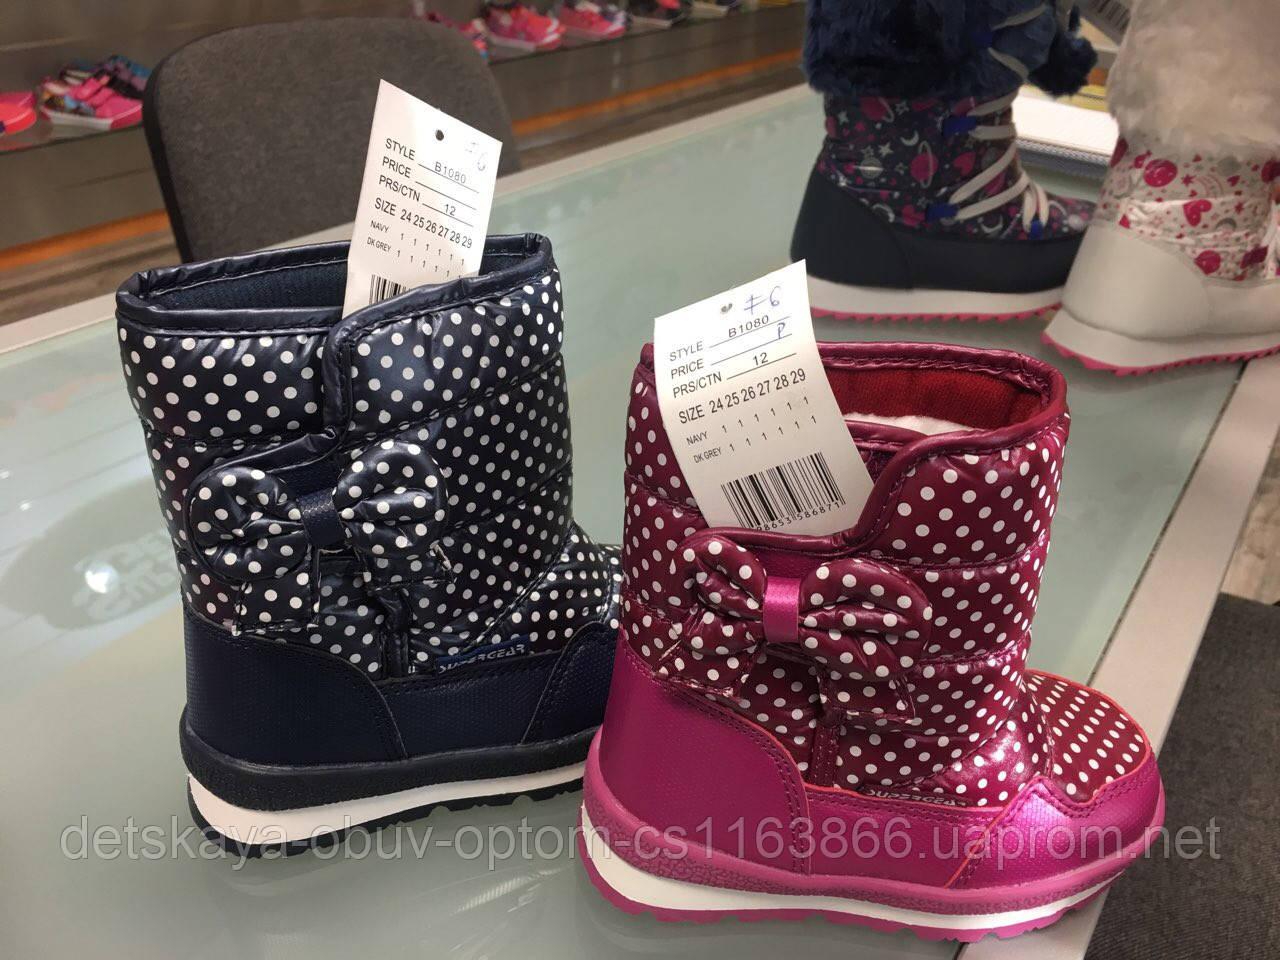 ecf28cbbc579 Дутики детские для девочек Super Gaer Размеры 24-29  продажа, цена в ...